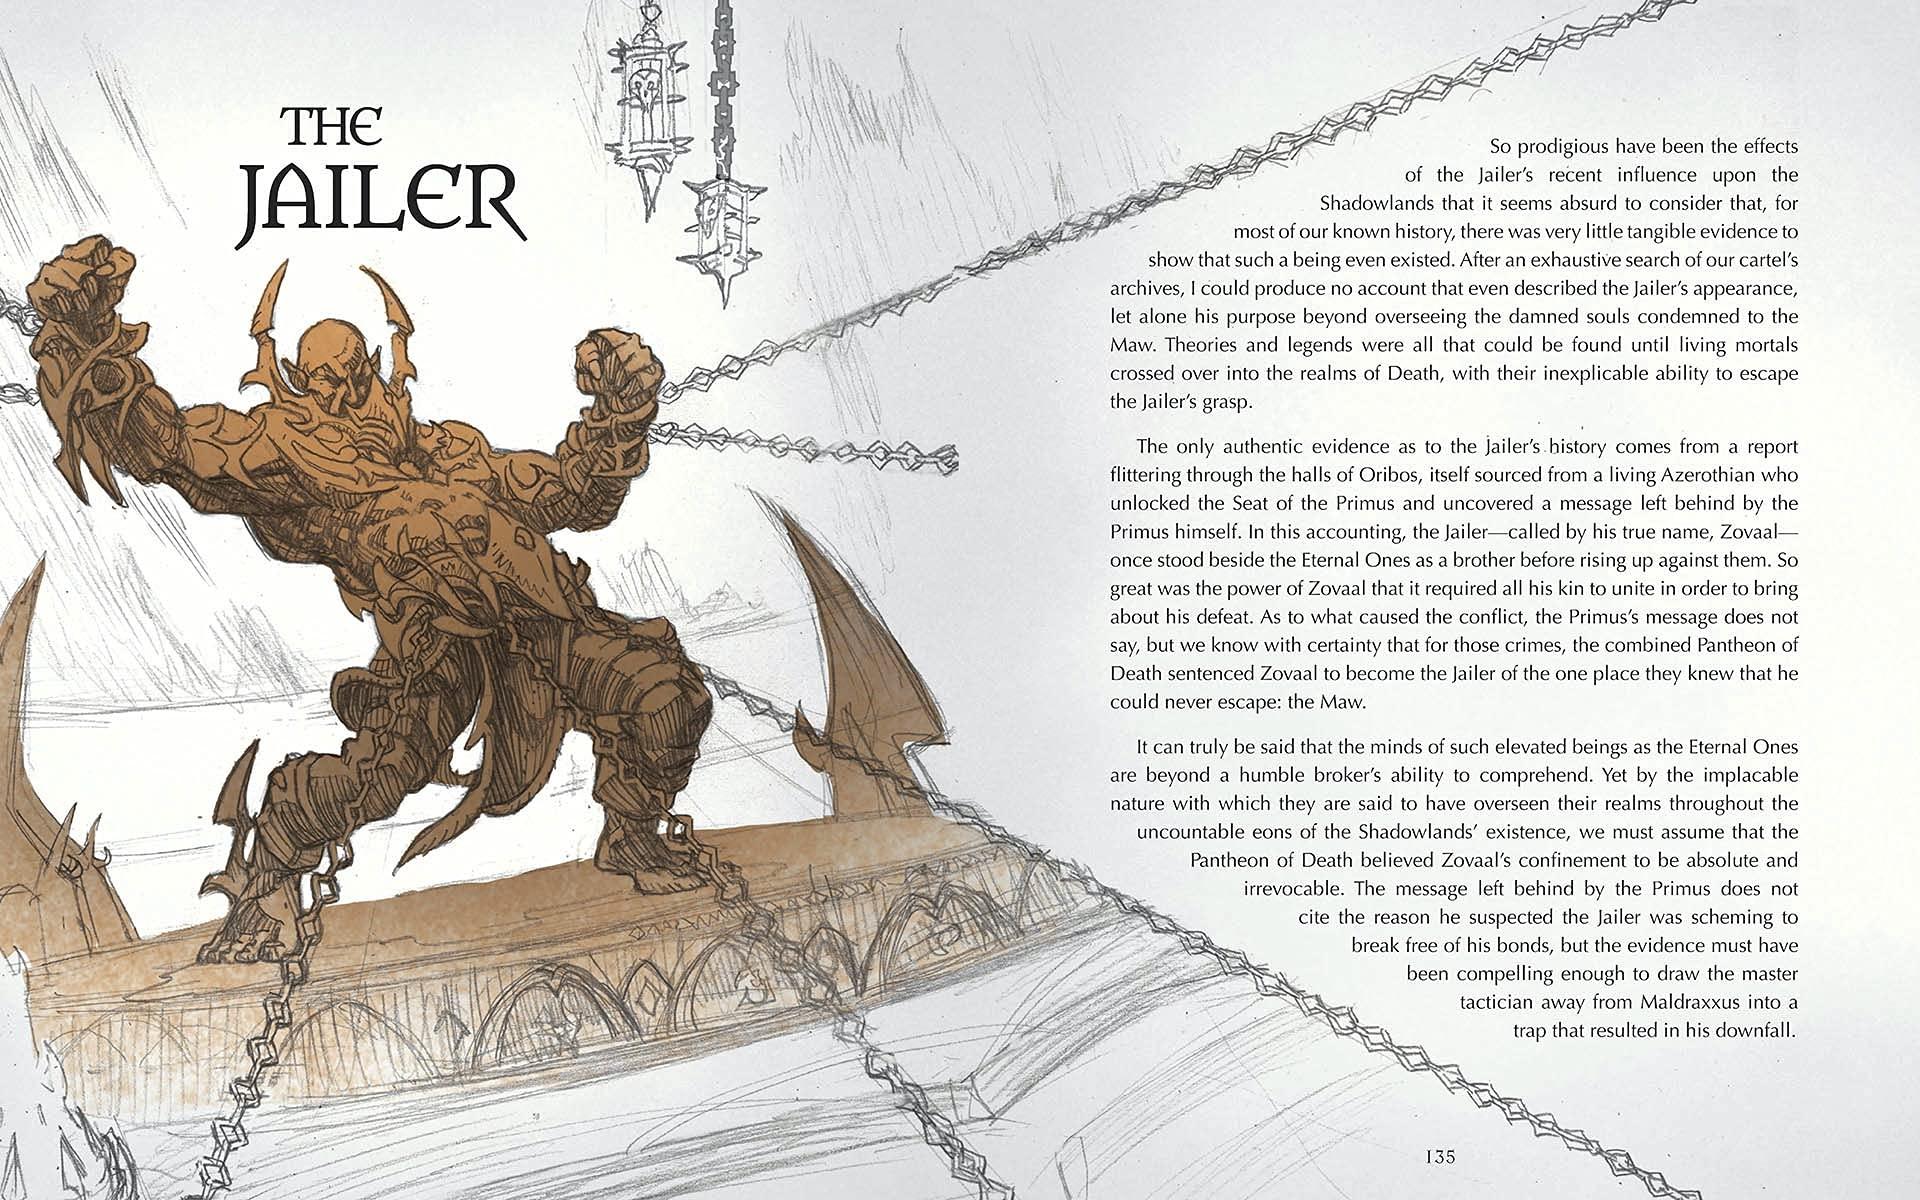 Le grimoire de l'ombreterre, le prochain livre de World of Warcraft